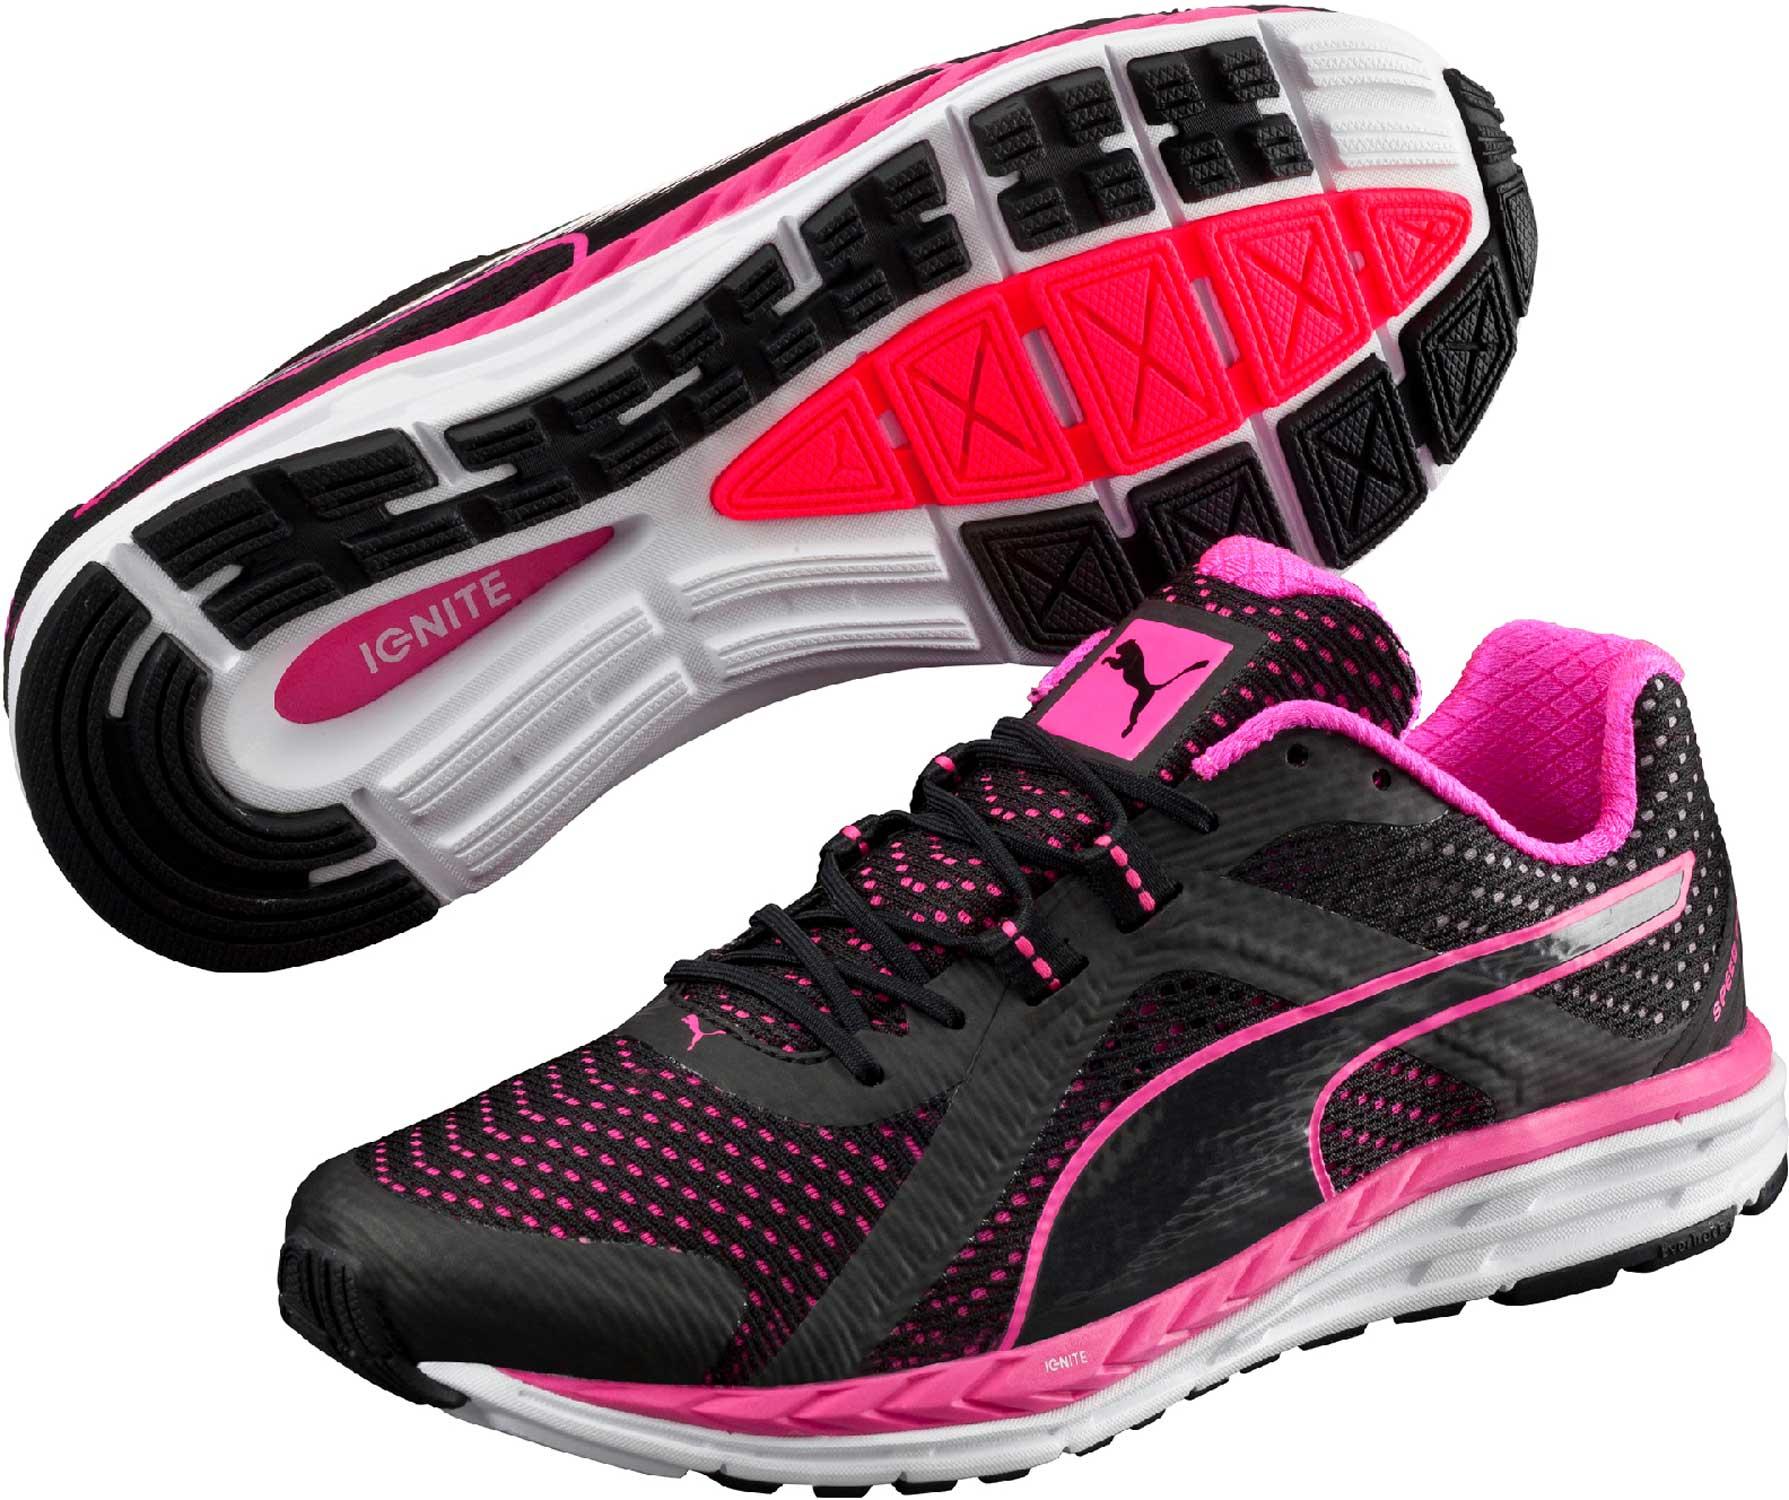 Puma SPEED 500 IGNITE. Dámská běžecká obuv. Dámská běžecká obuv. Dámská  běžecká obuv a13e90b915